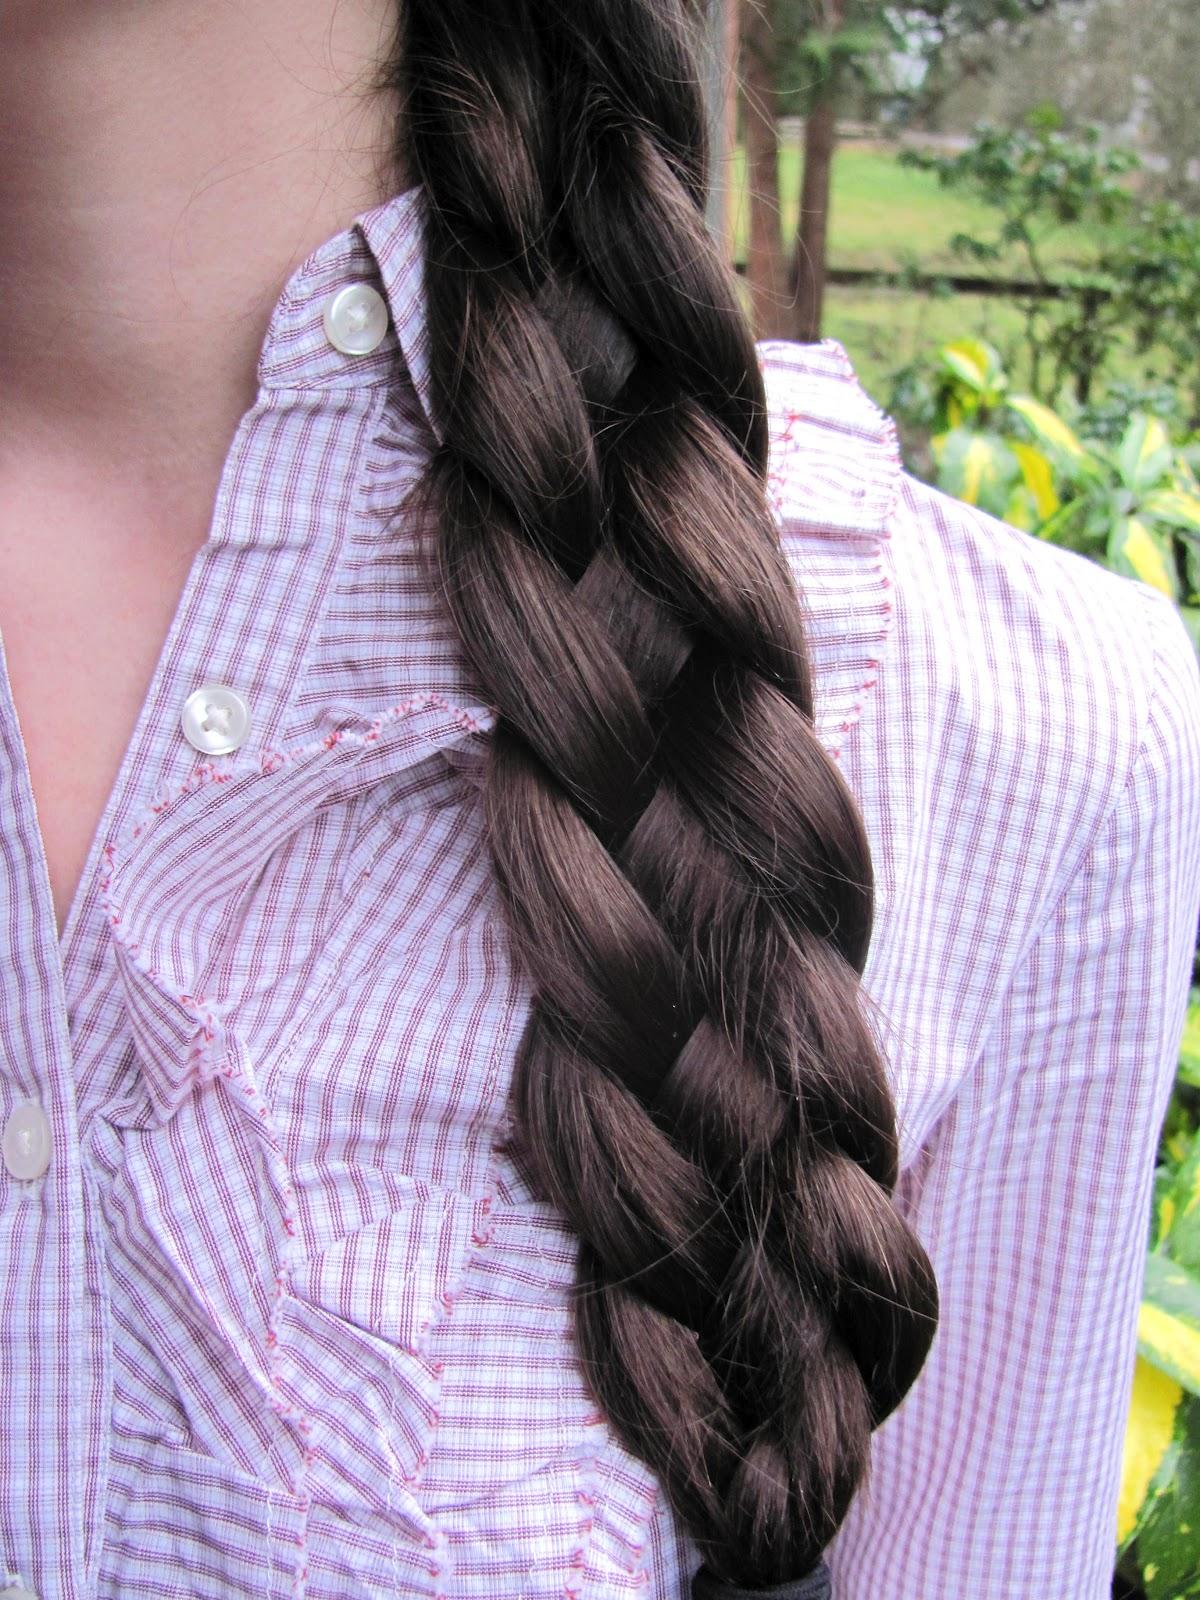 Vivi K: Hair: The four strand braid